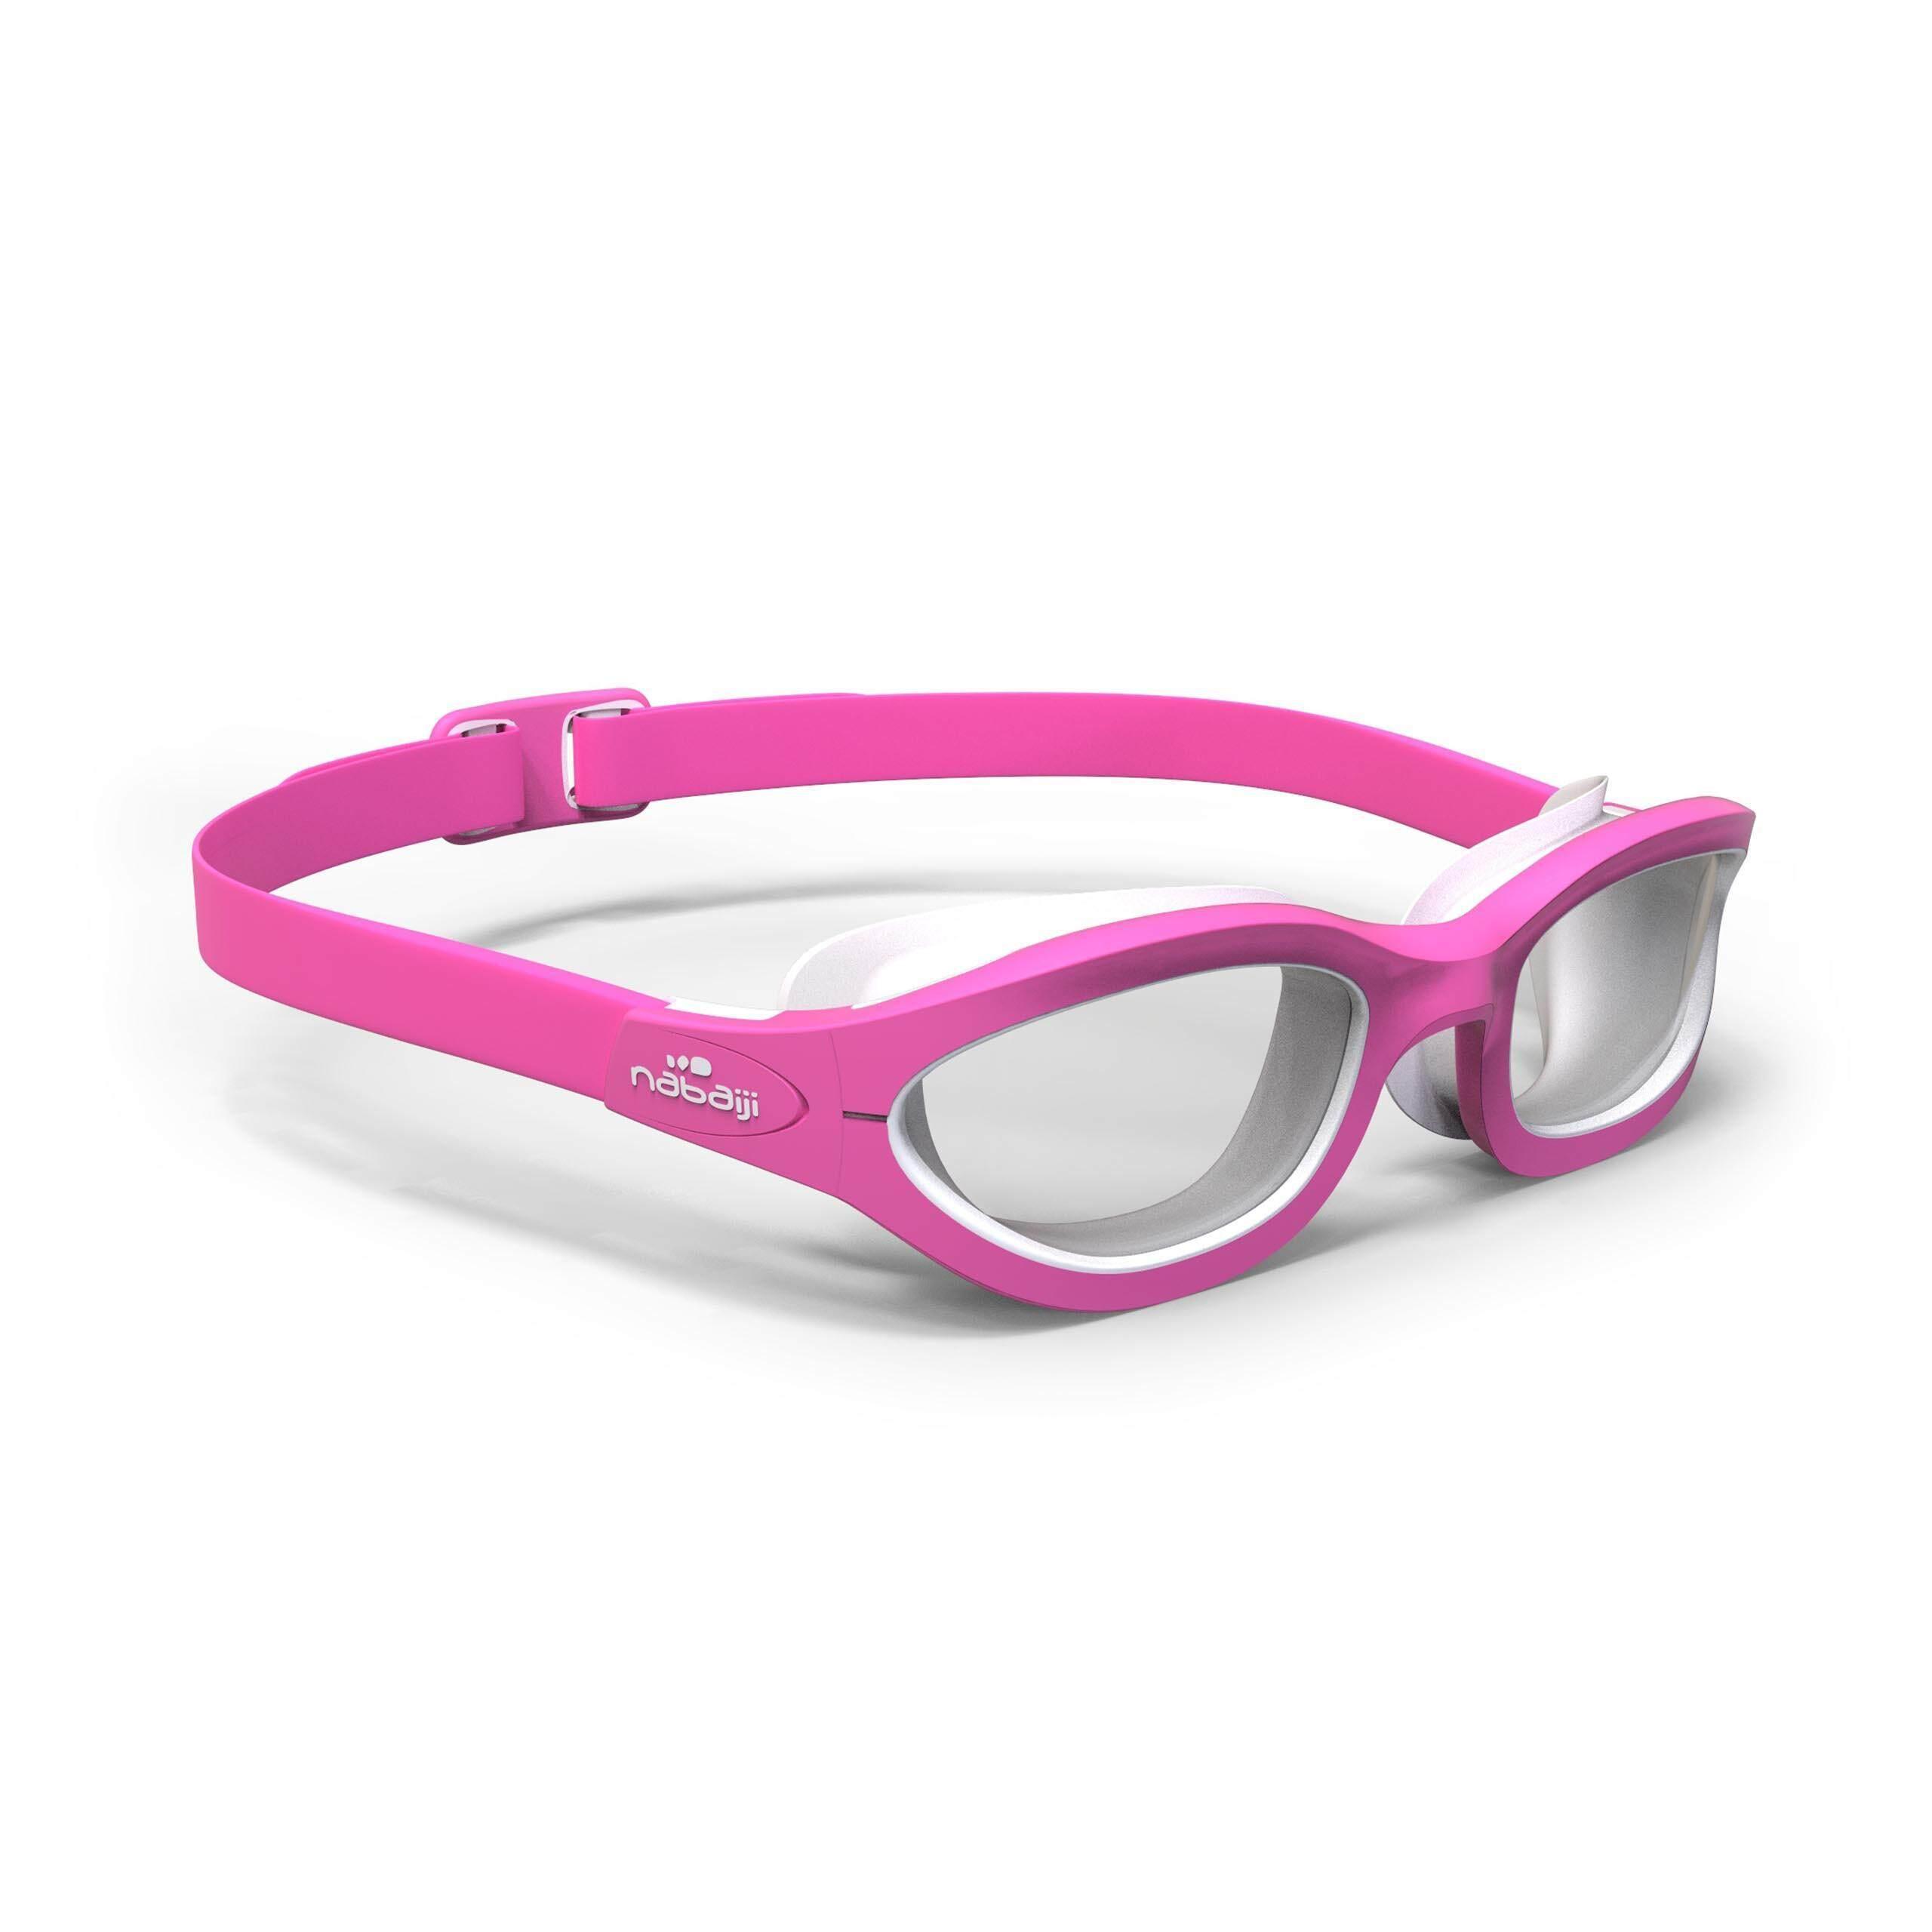 [ด่วน!! โปรโมชั่นมีจำนวนจำกัด] แว่นตาว่ายน้ำรุ่น 100 EASYDOW ขนาด S (สีชมพู) สำหรับ ว่ายน้ำ